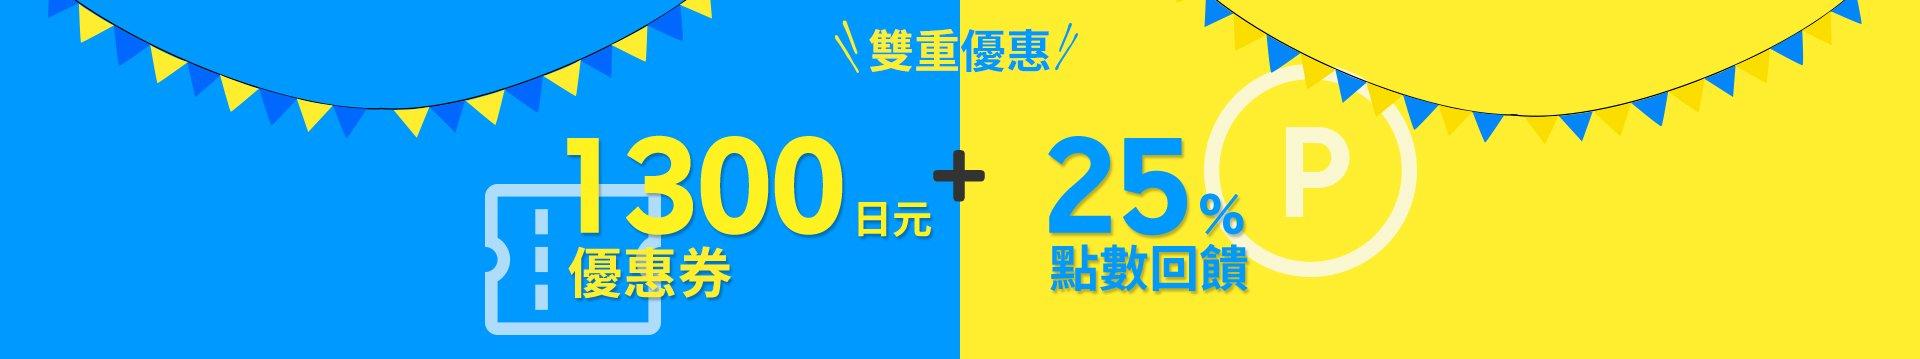 雙重優惠 1,300日元優惠券+25%點數回饋